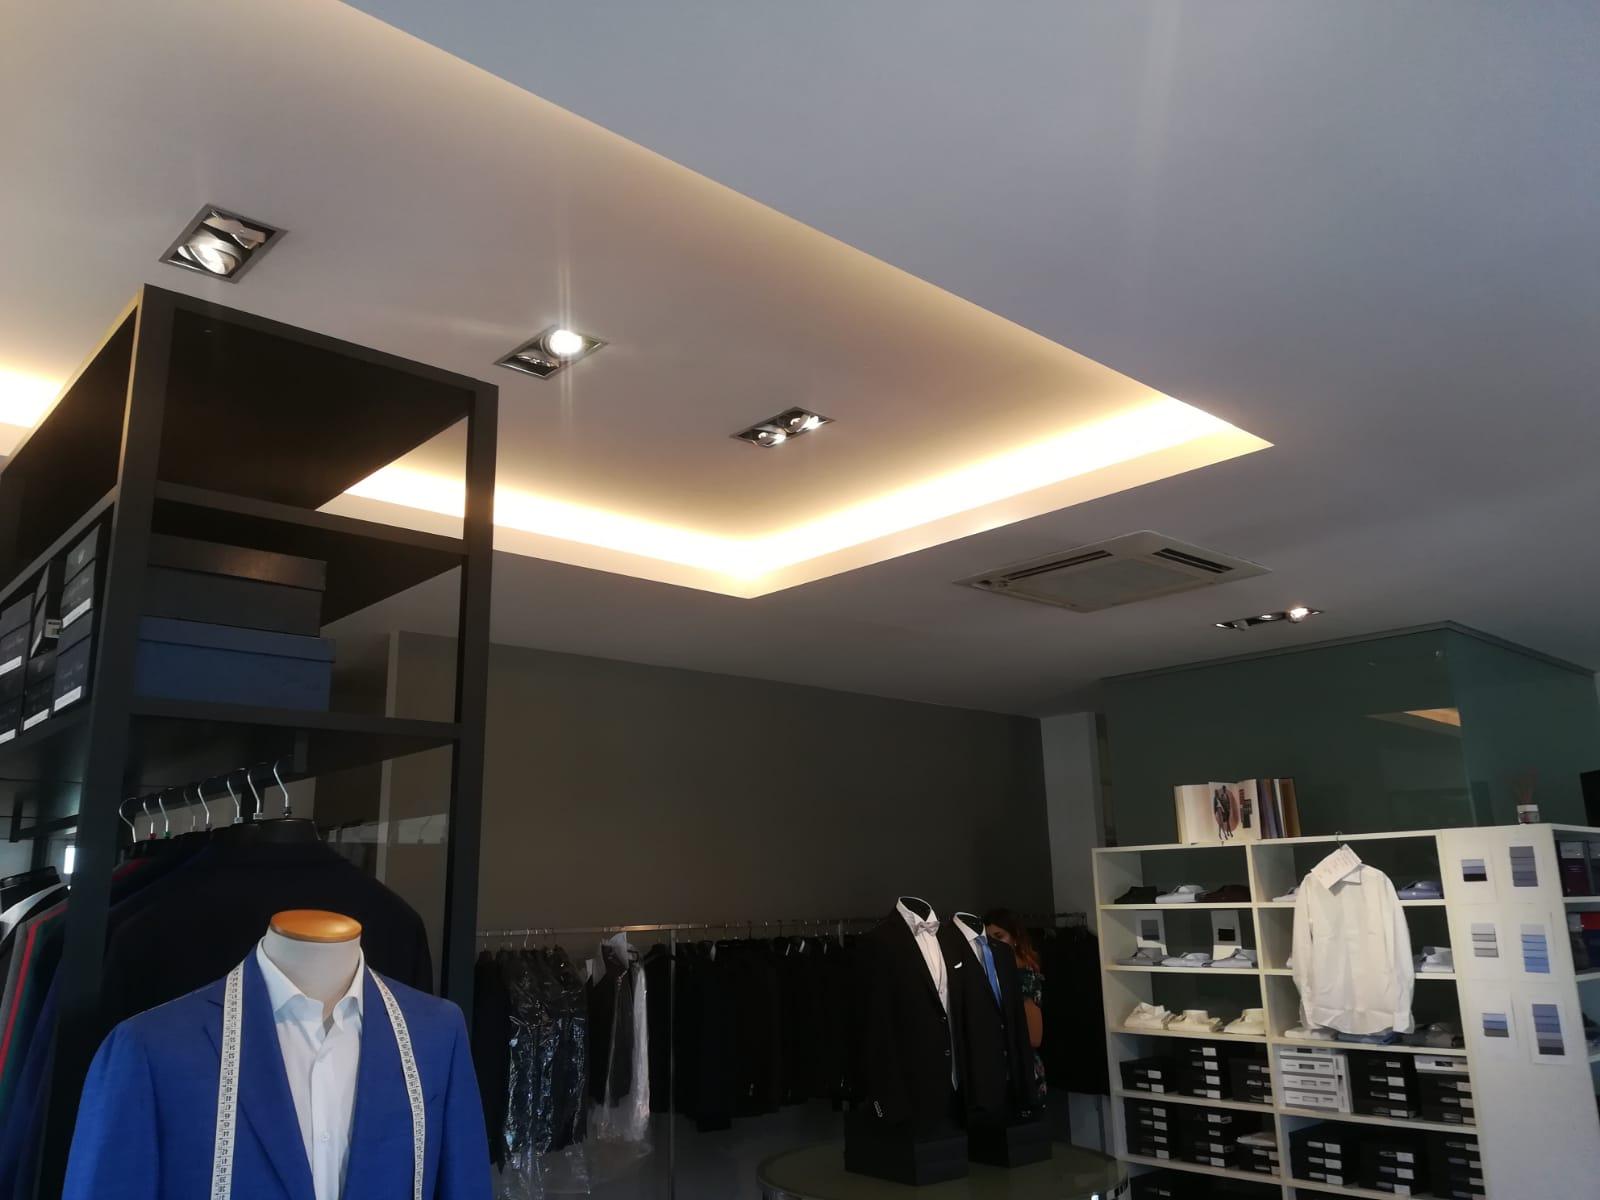 Illuminazione Controsoffitto di Negozio con Barre LED e Faretti